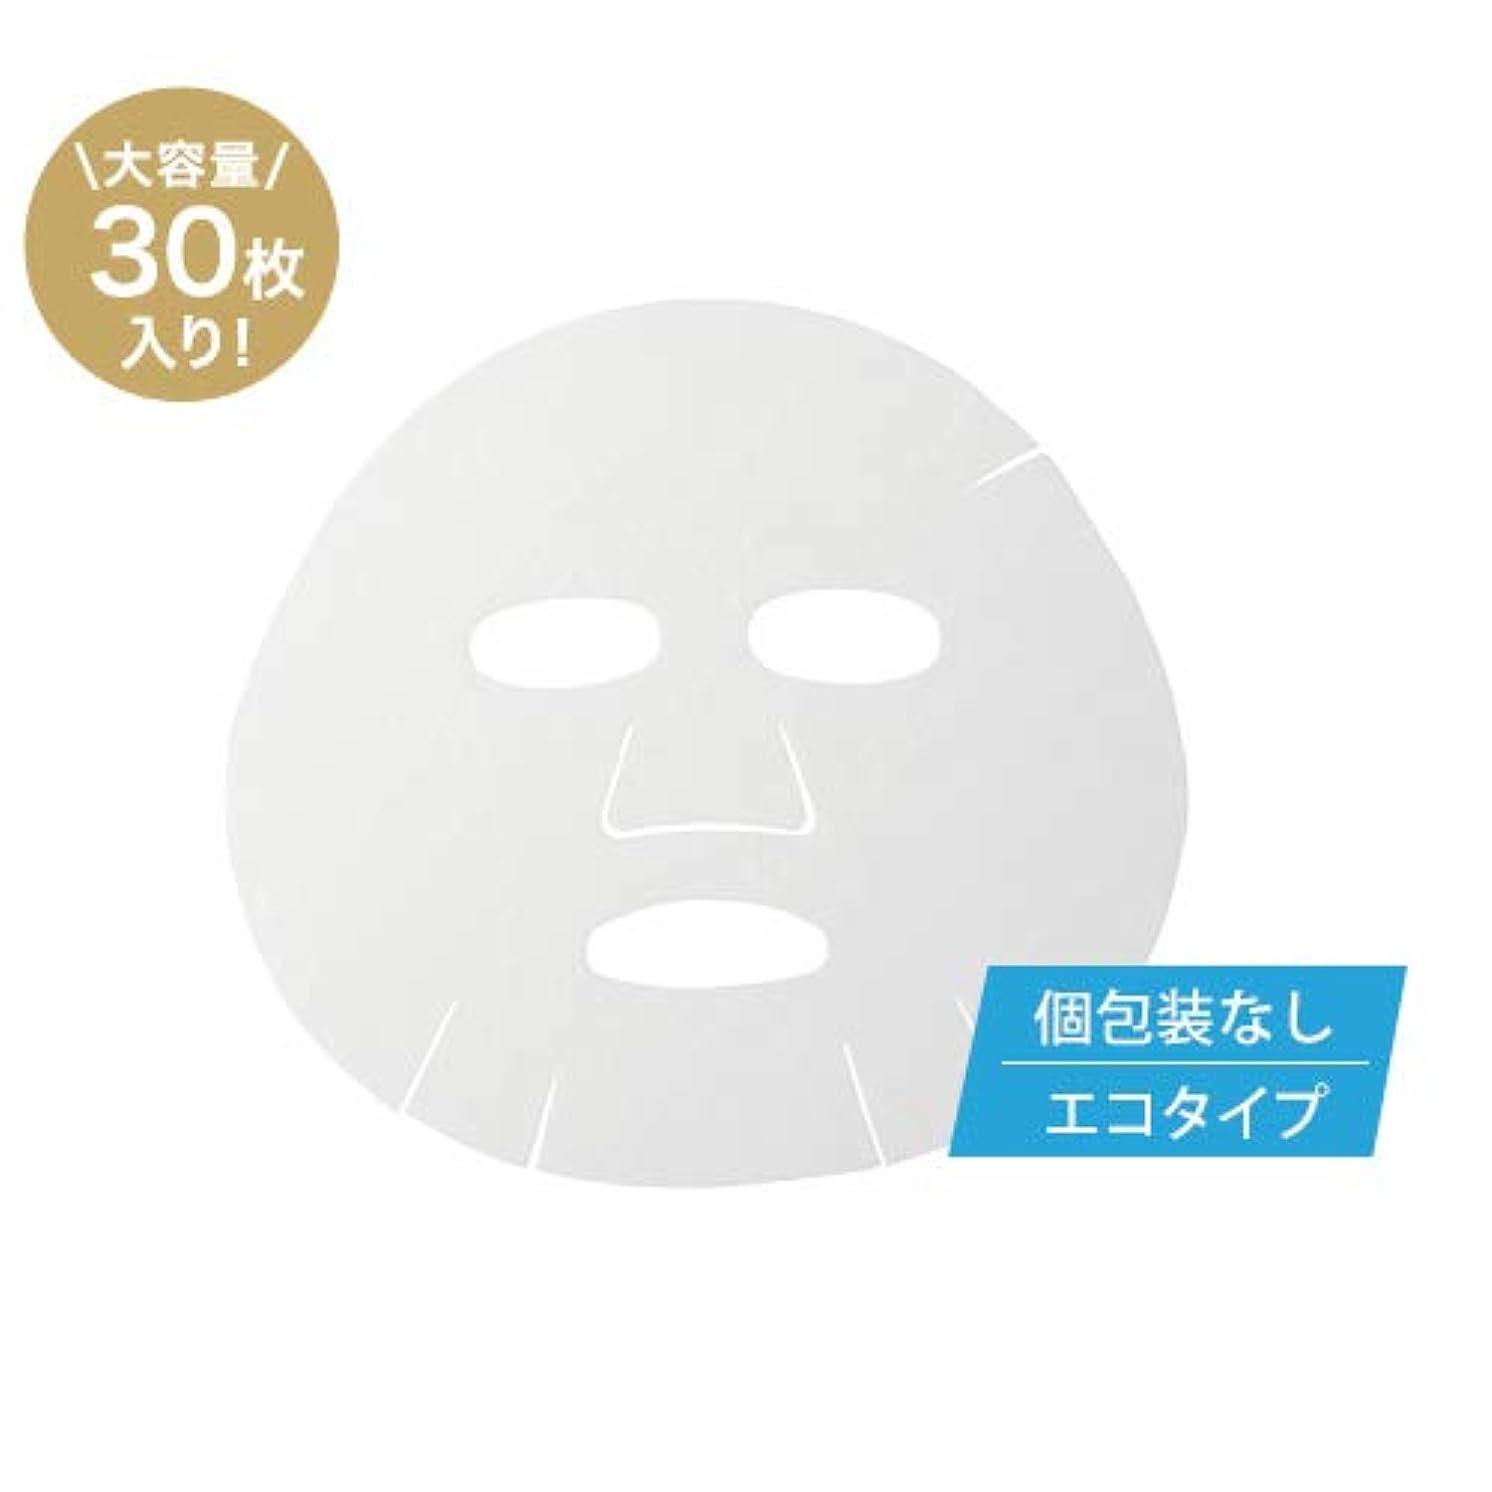 然とした思われる恩恵MAMEW エッセンスシートマスク(個包装無し?大容量タイプ)-日本製の顔パック-毛穴を引き締める?保湿効果?くすみ?しわ対策におすすめ?お肌しっとり-EGF配合-お得な30枚セット